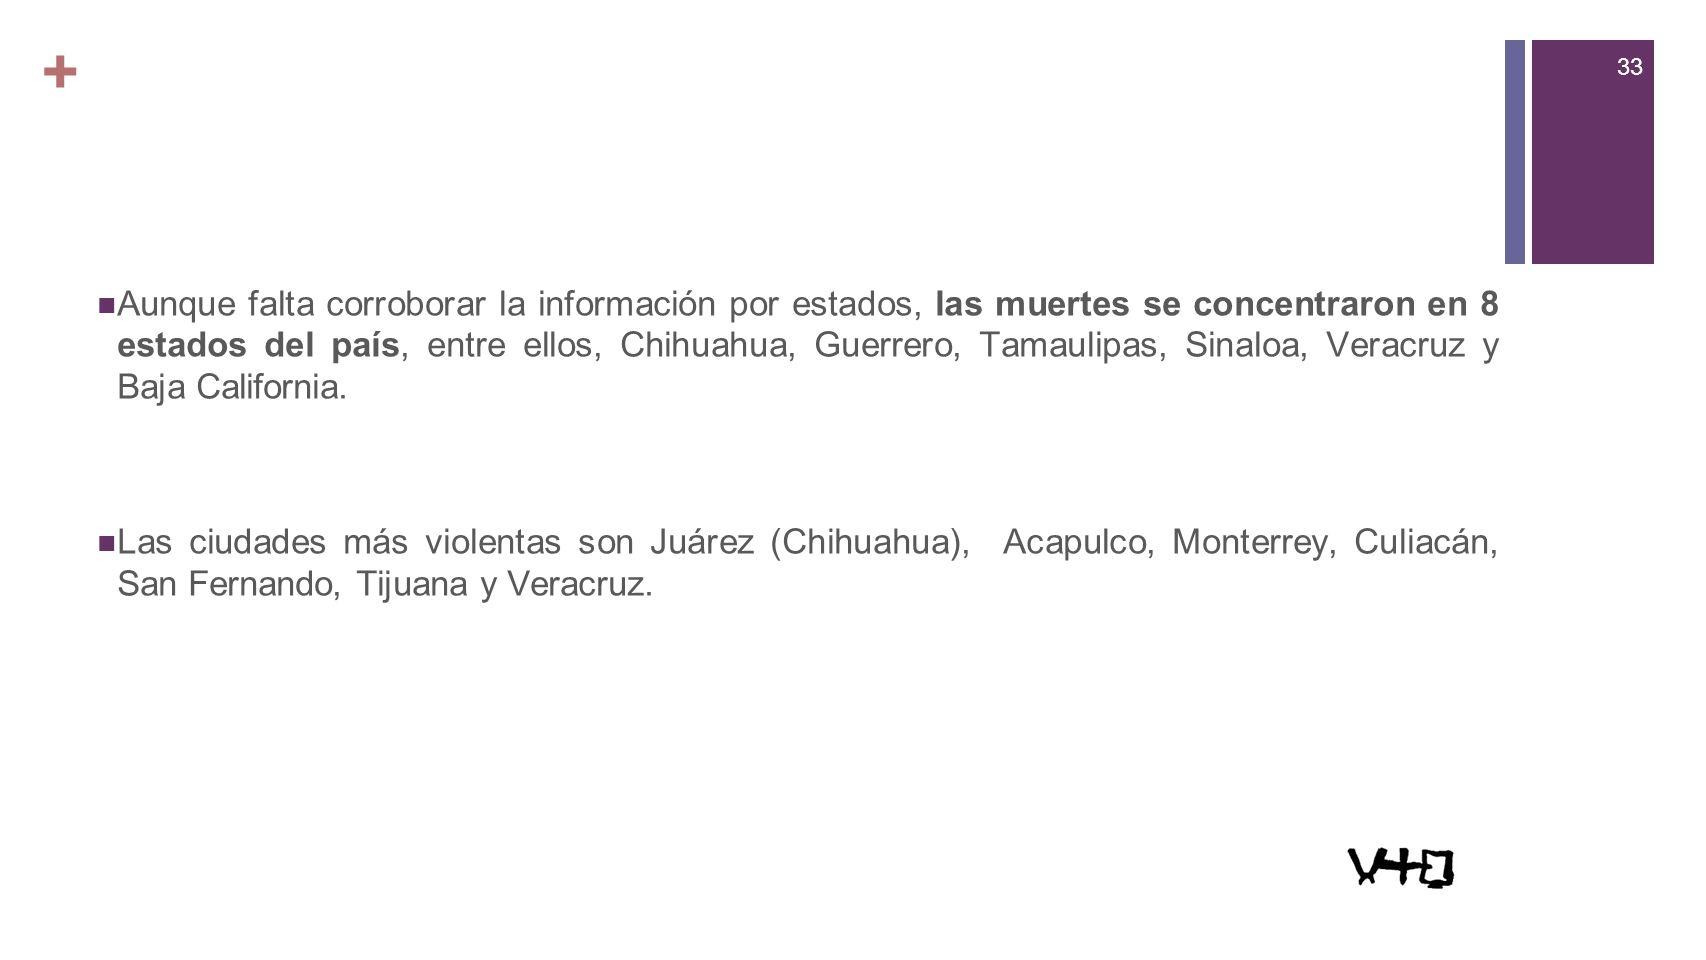 33 + Aunque falta corroborar la información por estados, las muertes se concentraron en 8 estados del país, entre ellos, Chihuahua, Guerrero, Tamaulipas, Sinaloa, Veracruz y Baja California.